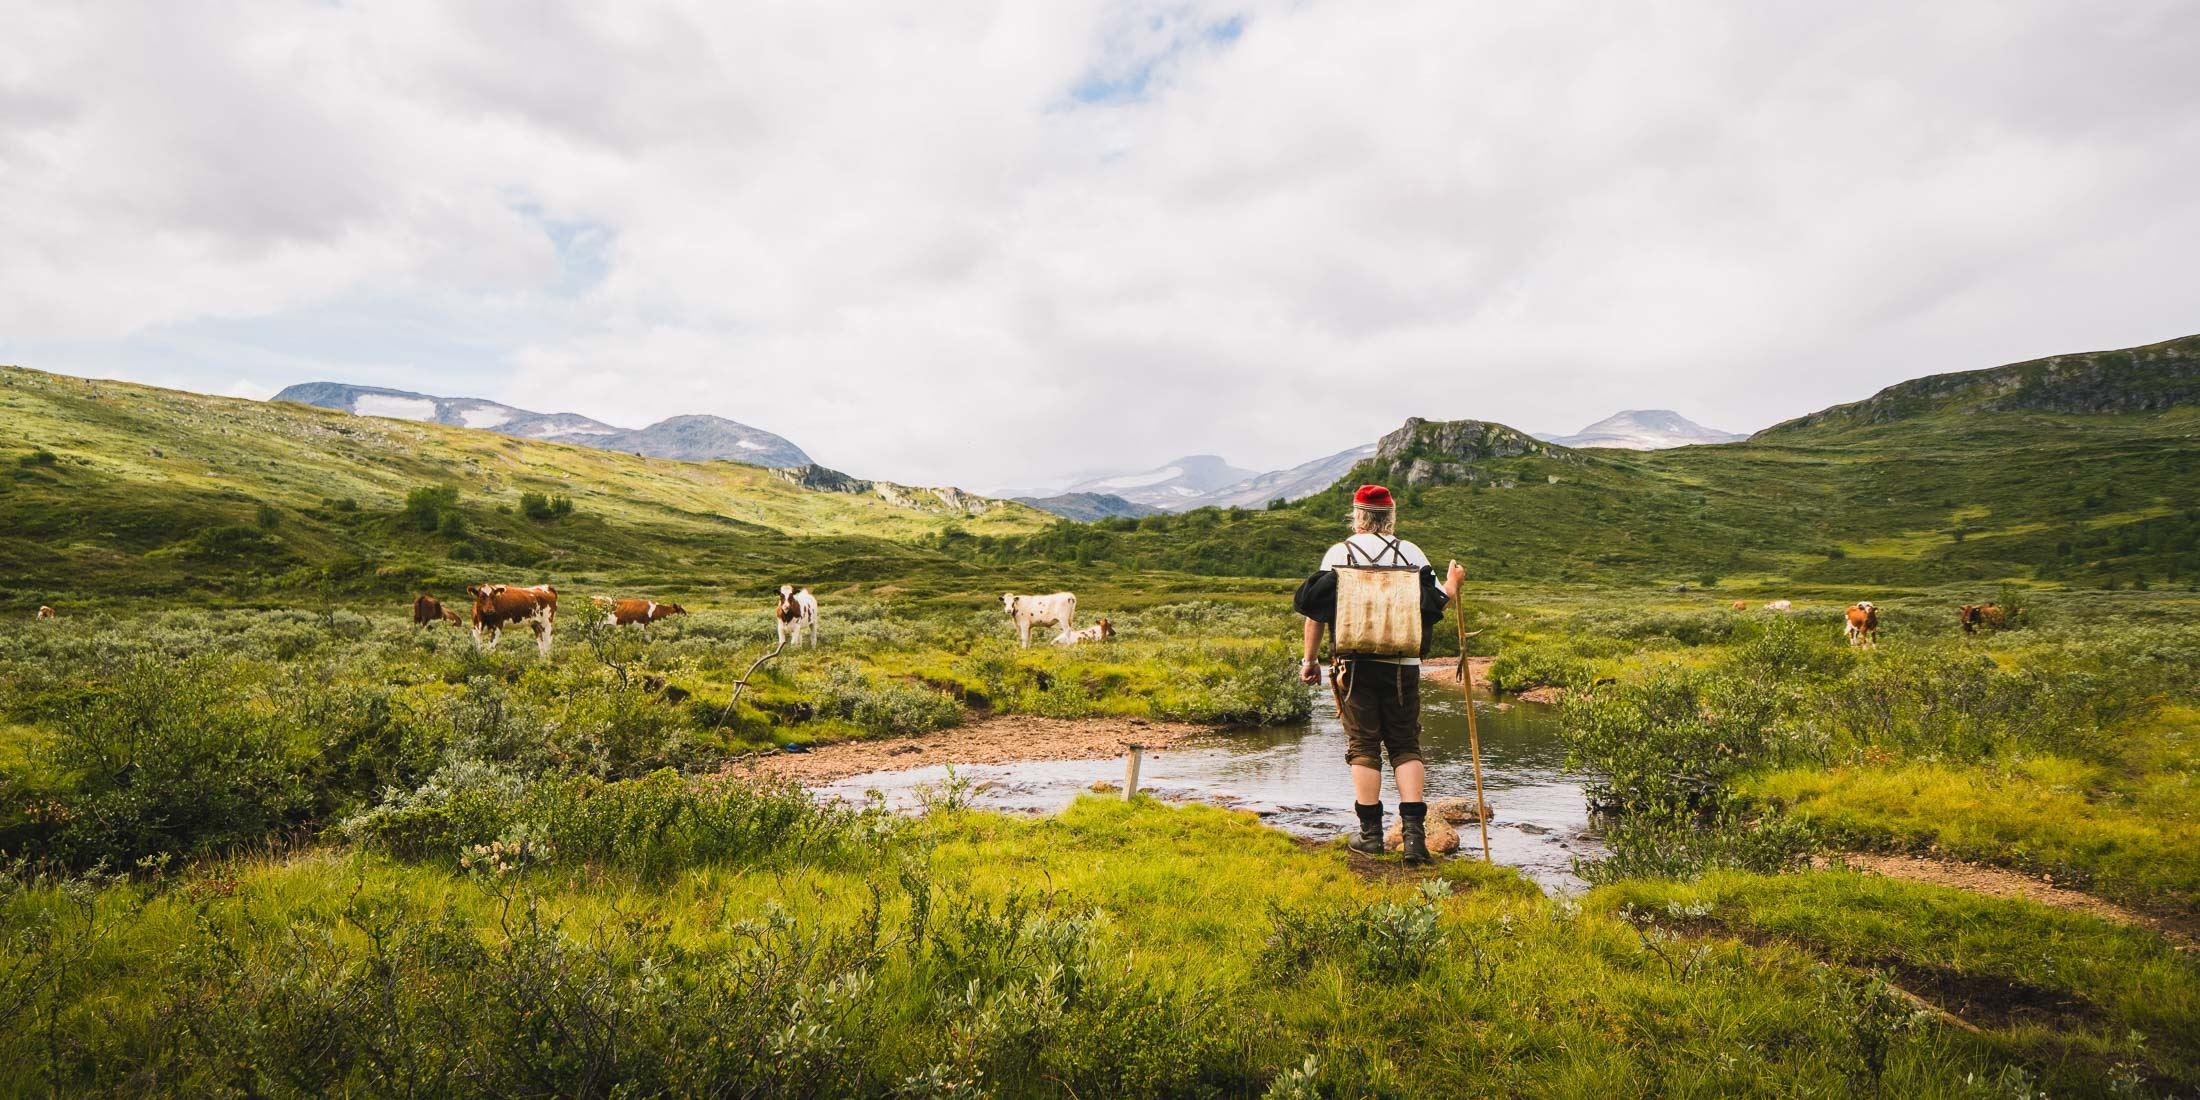 Guida historiske turer i Jotunheimen